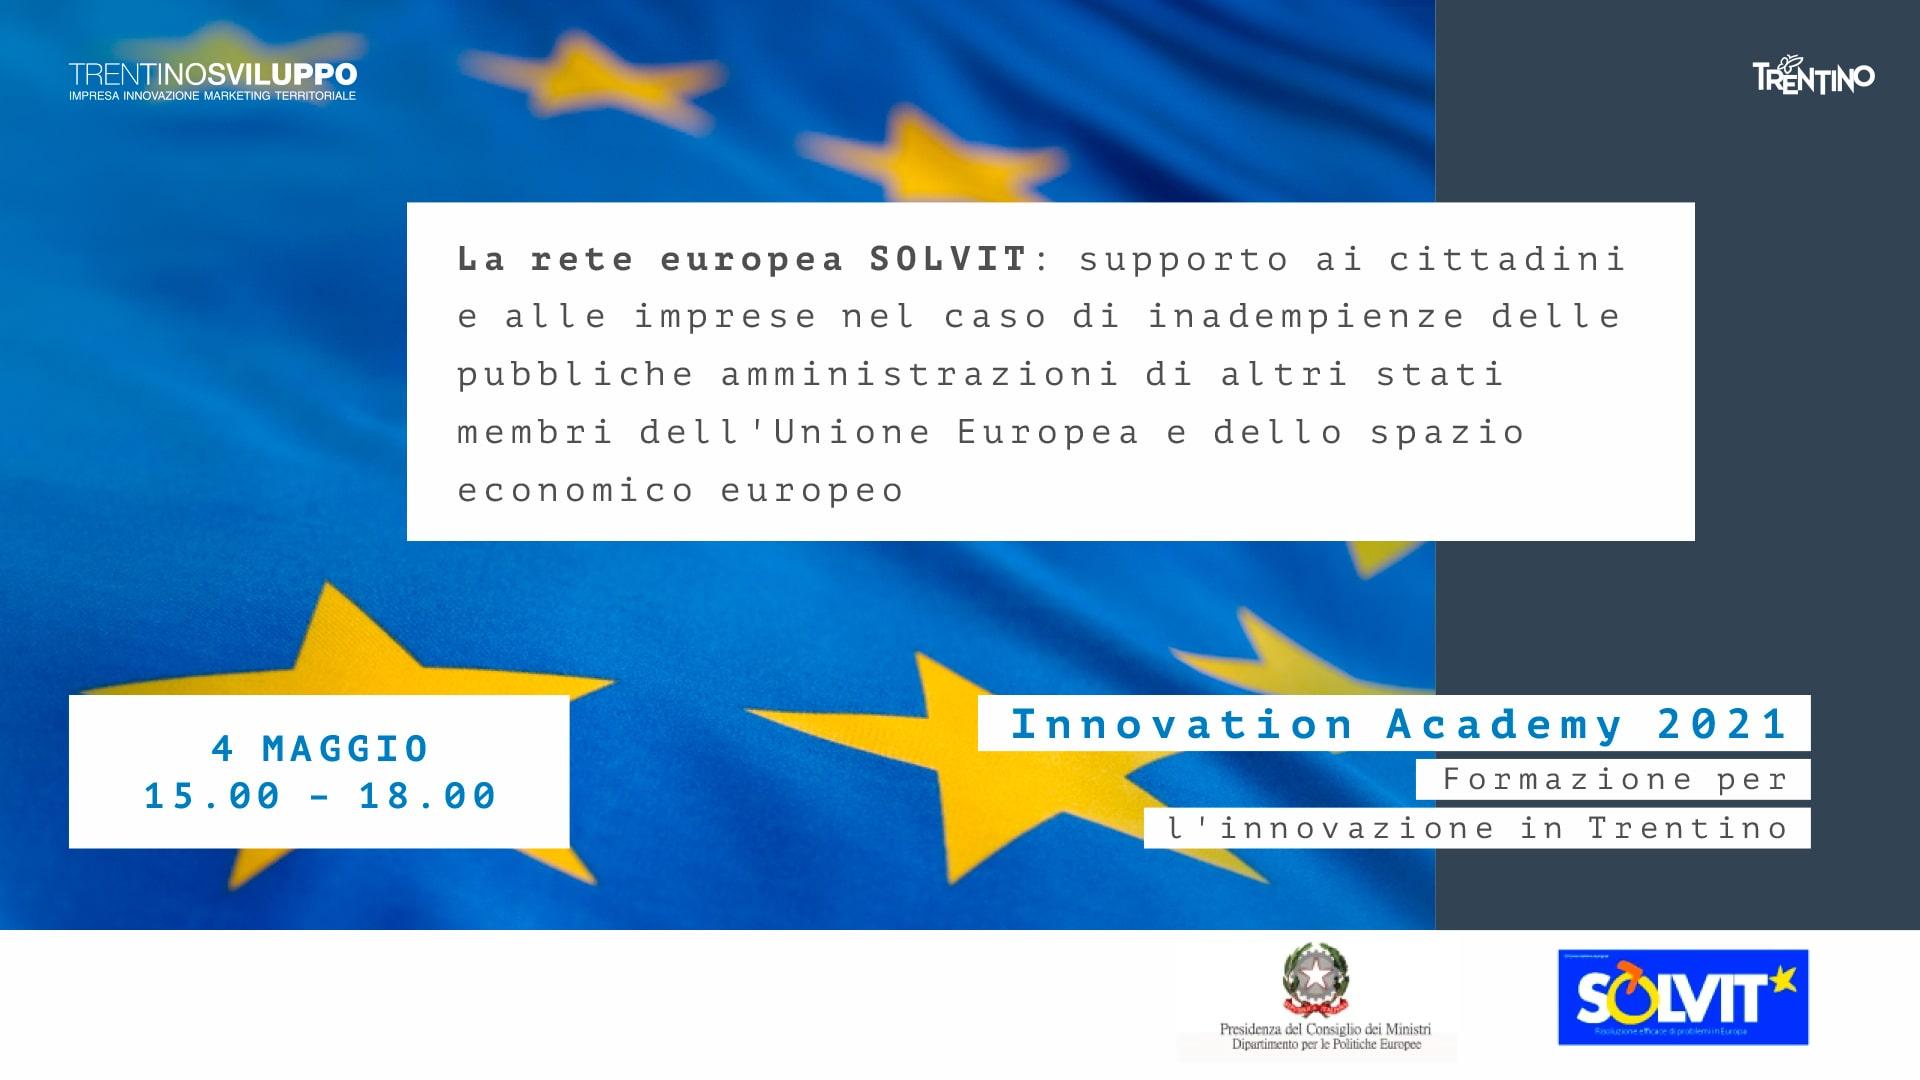 La rete europea SOLVIT